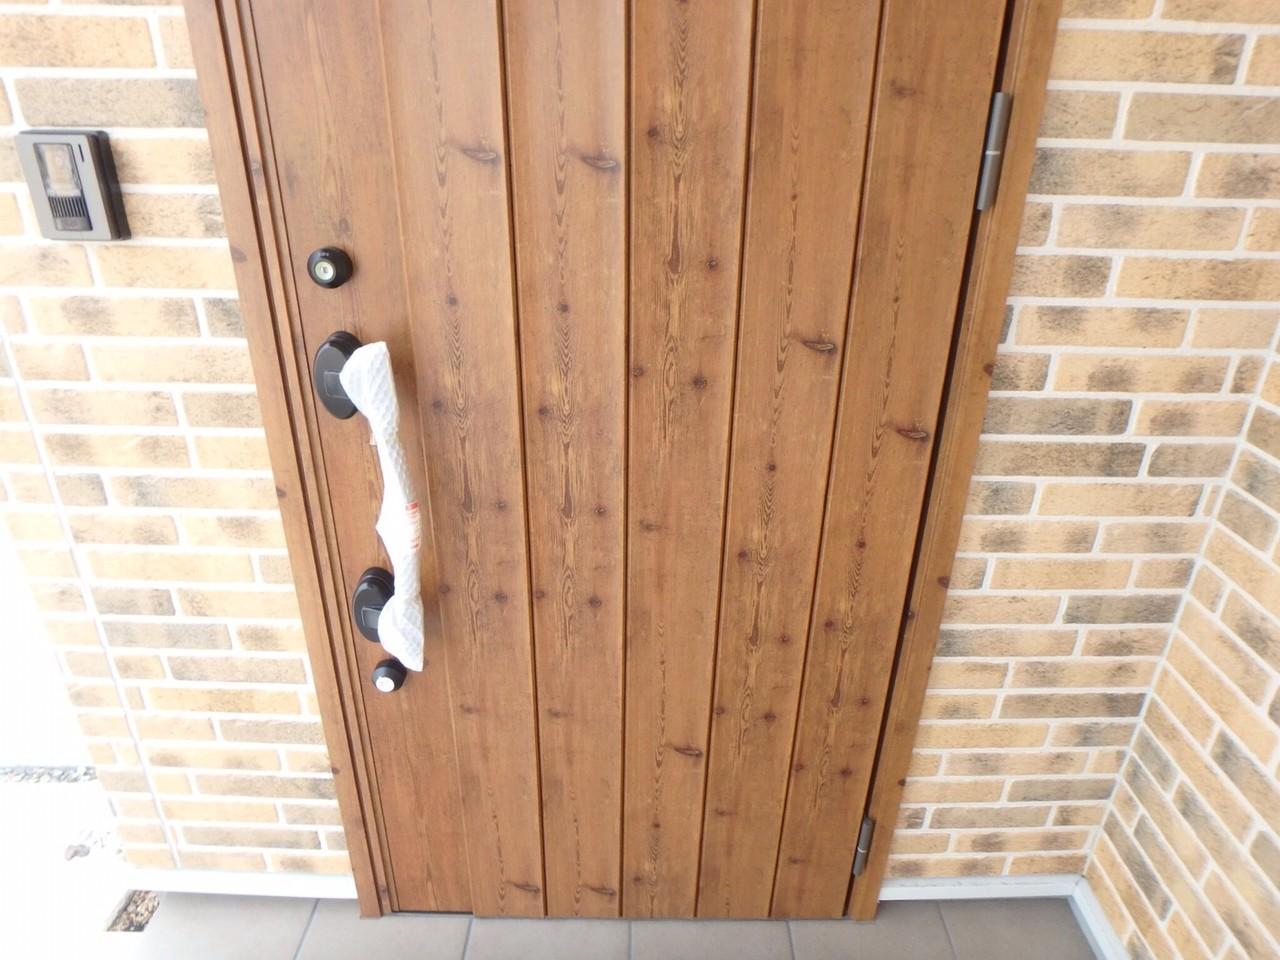 玄関ドアです。木目調でかわいいドアです♪ダブルロックで防犯面も安心です。